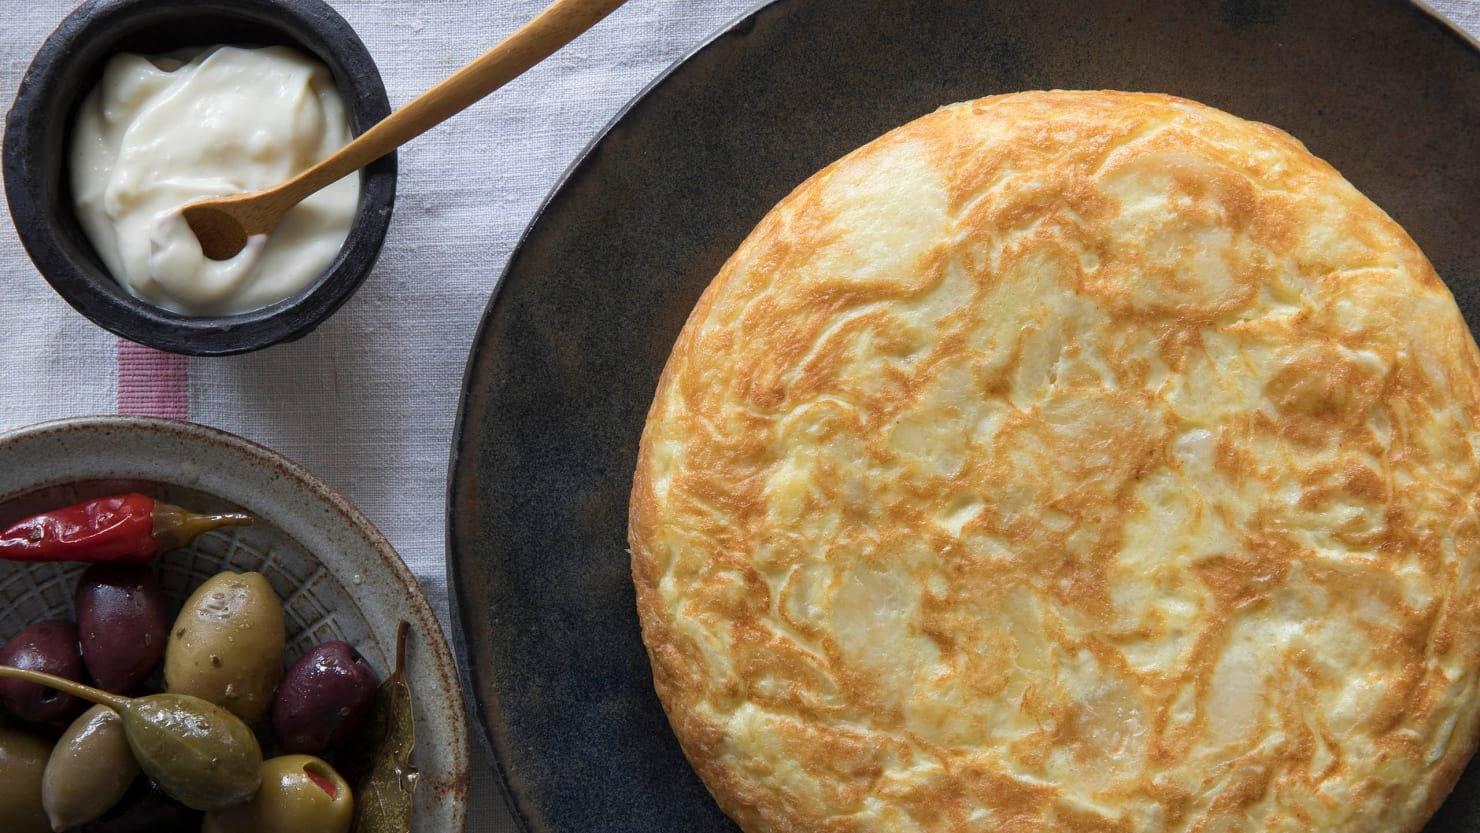 Image of Spanish Omelette